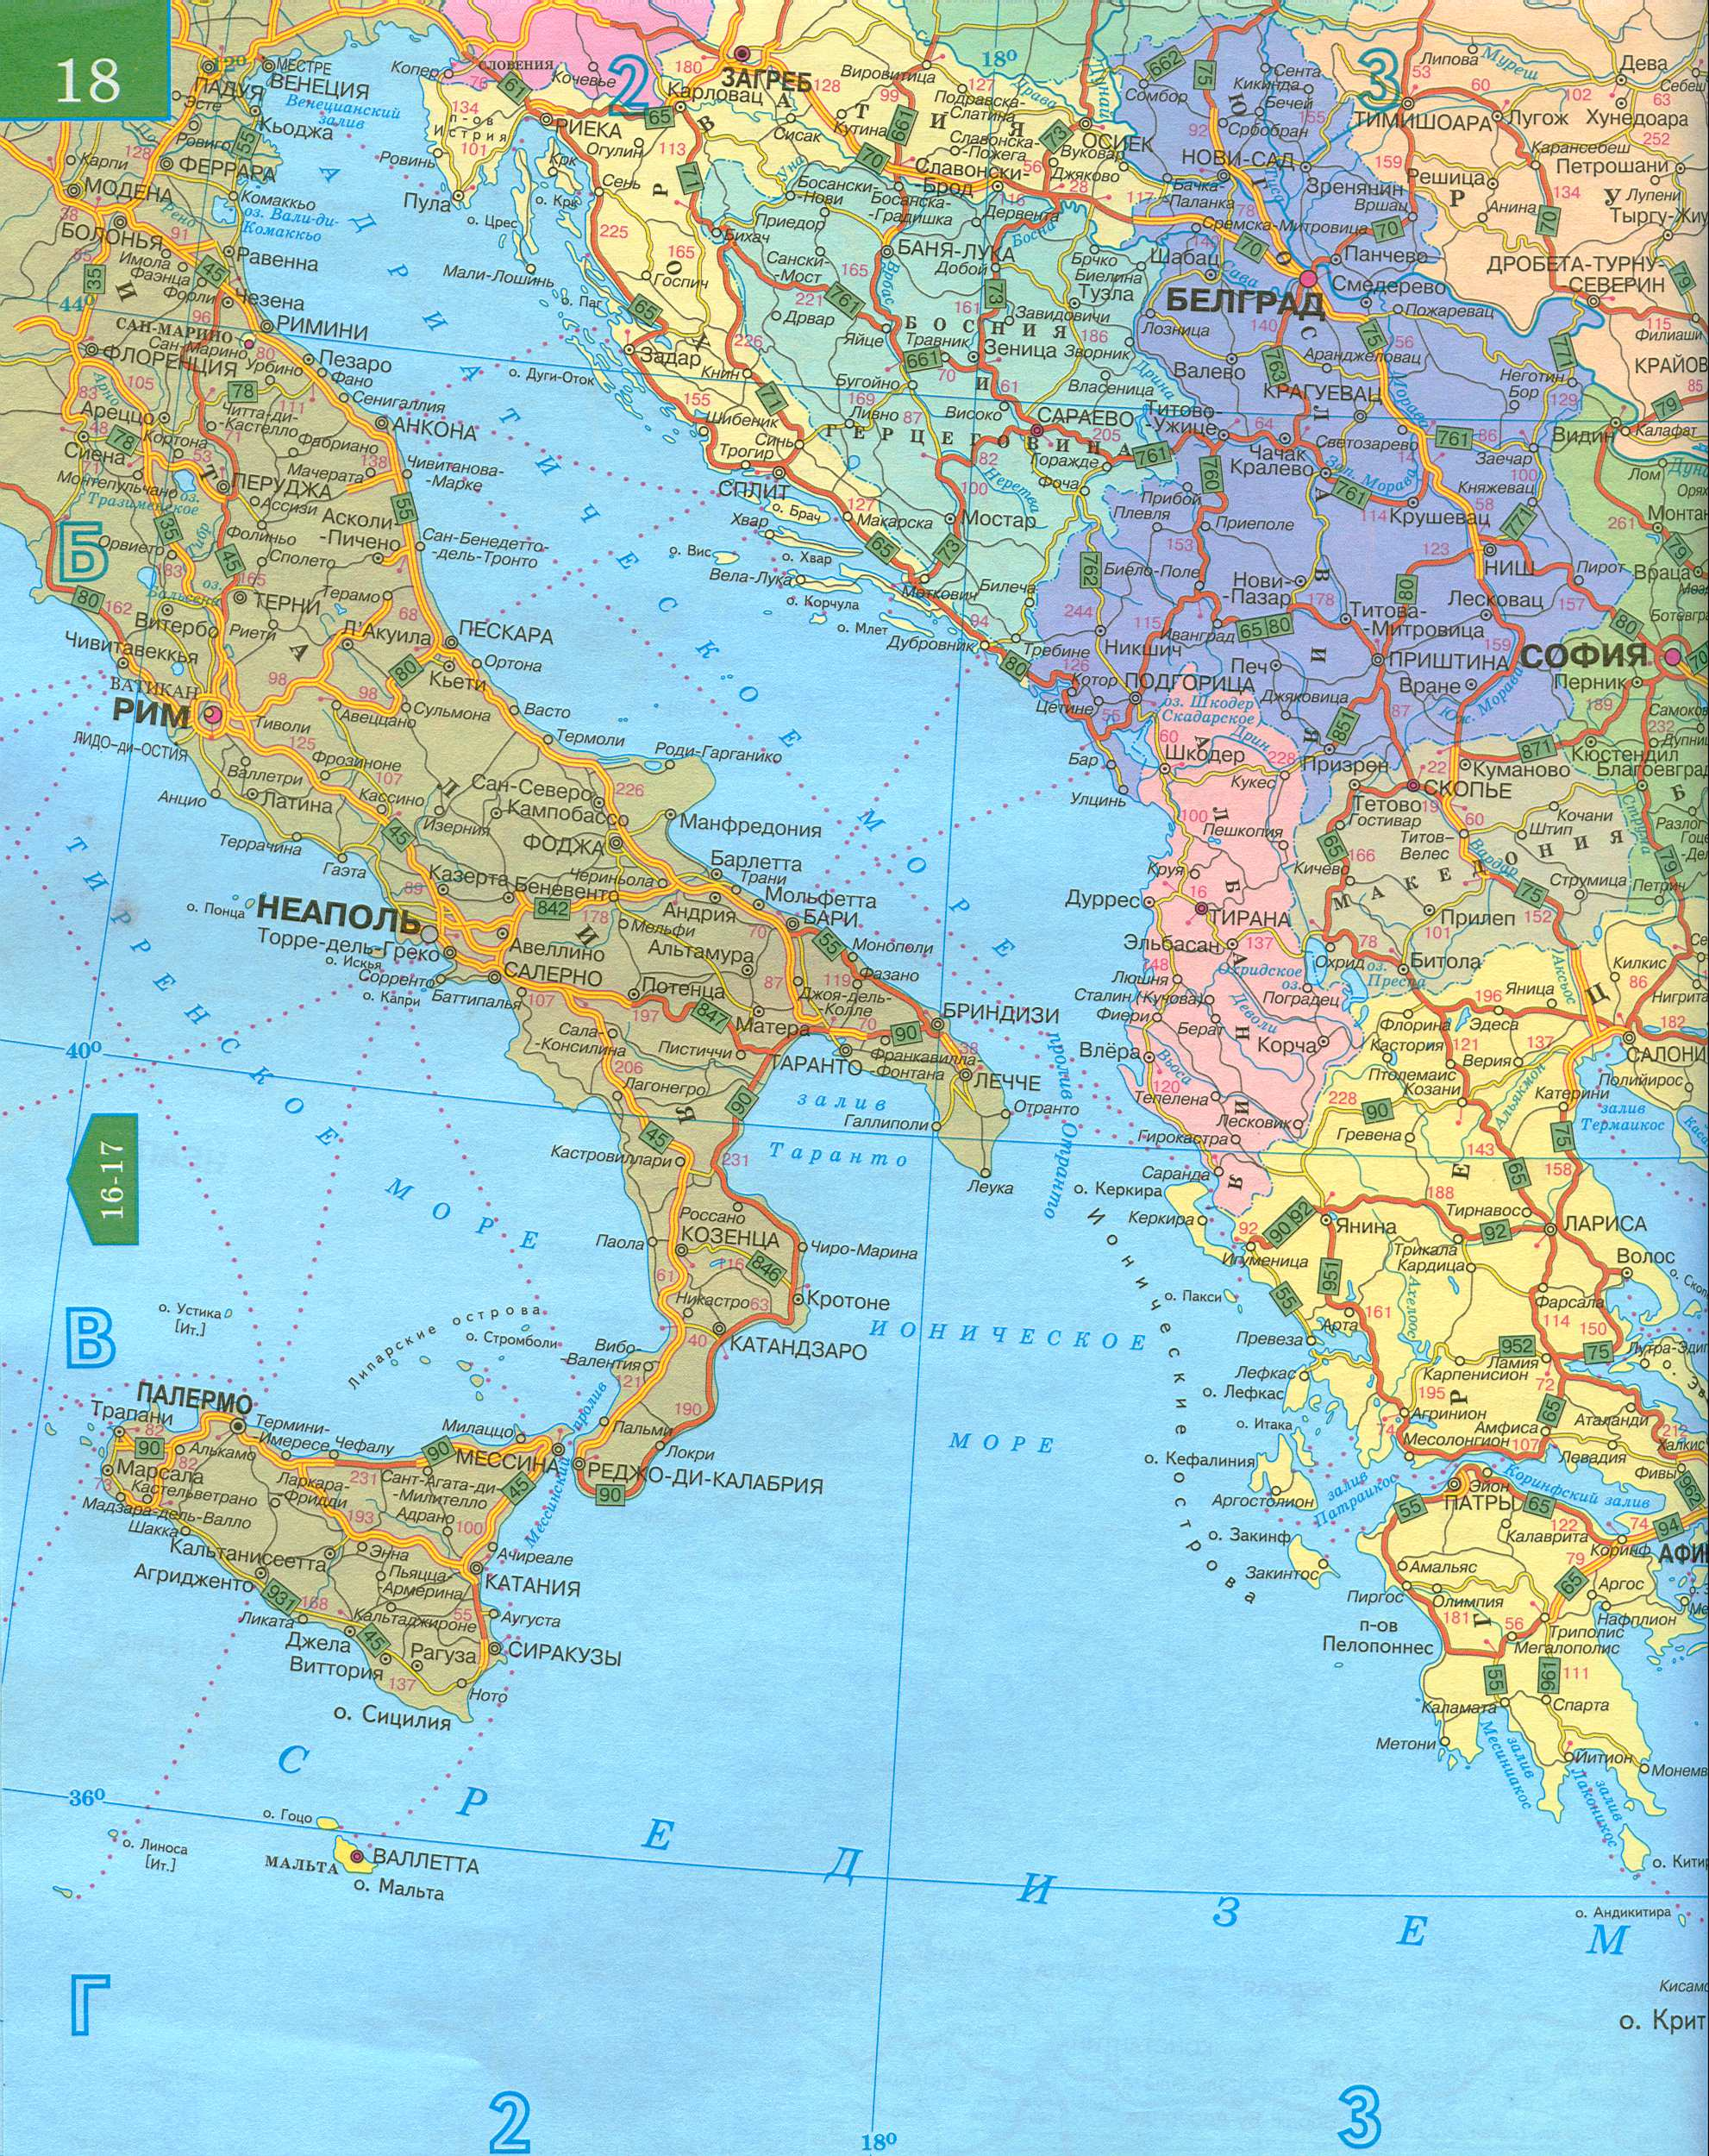 Восточная европа масштаб 1см 50км a1